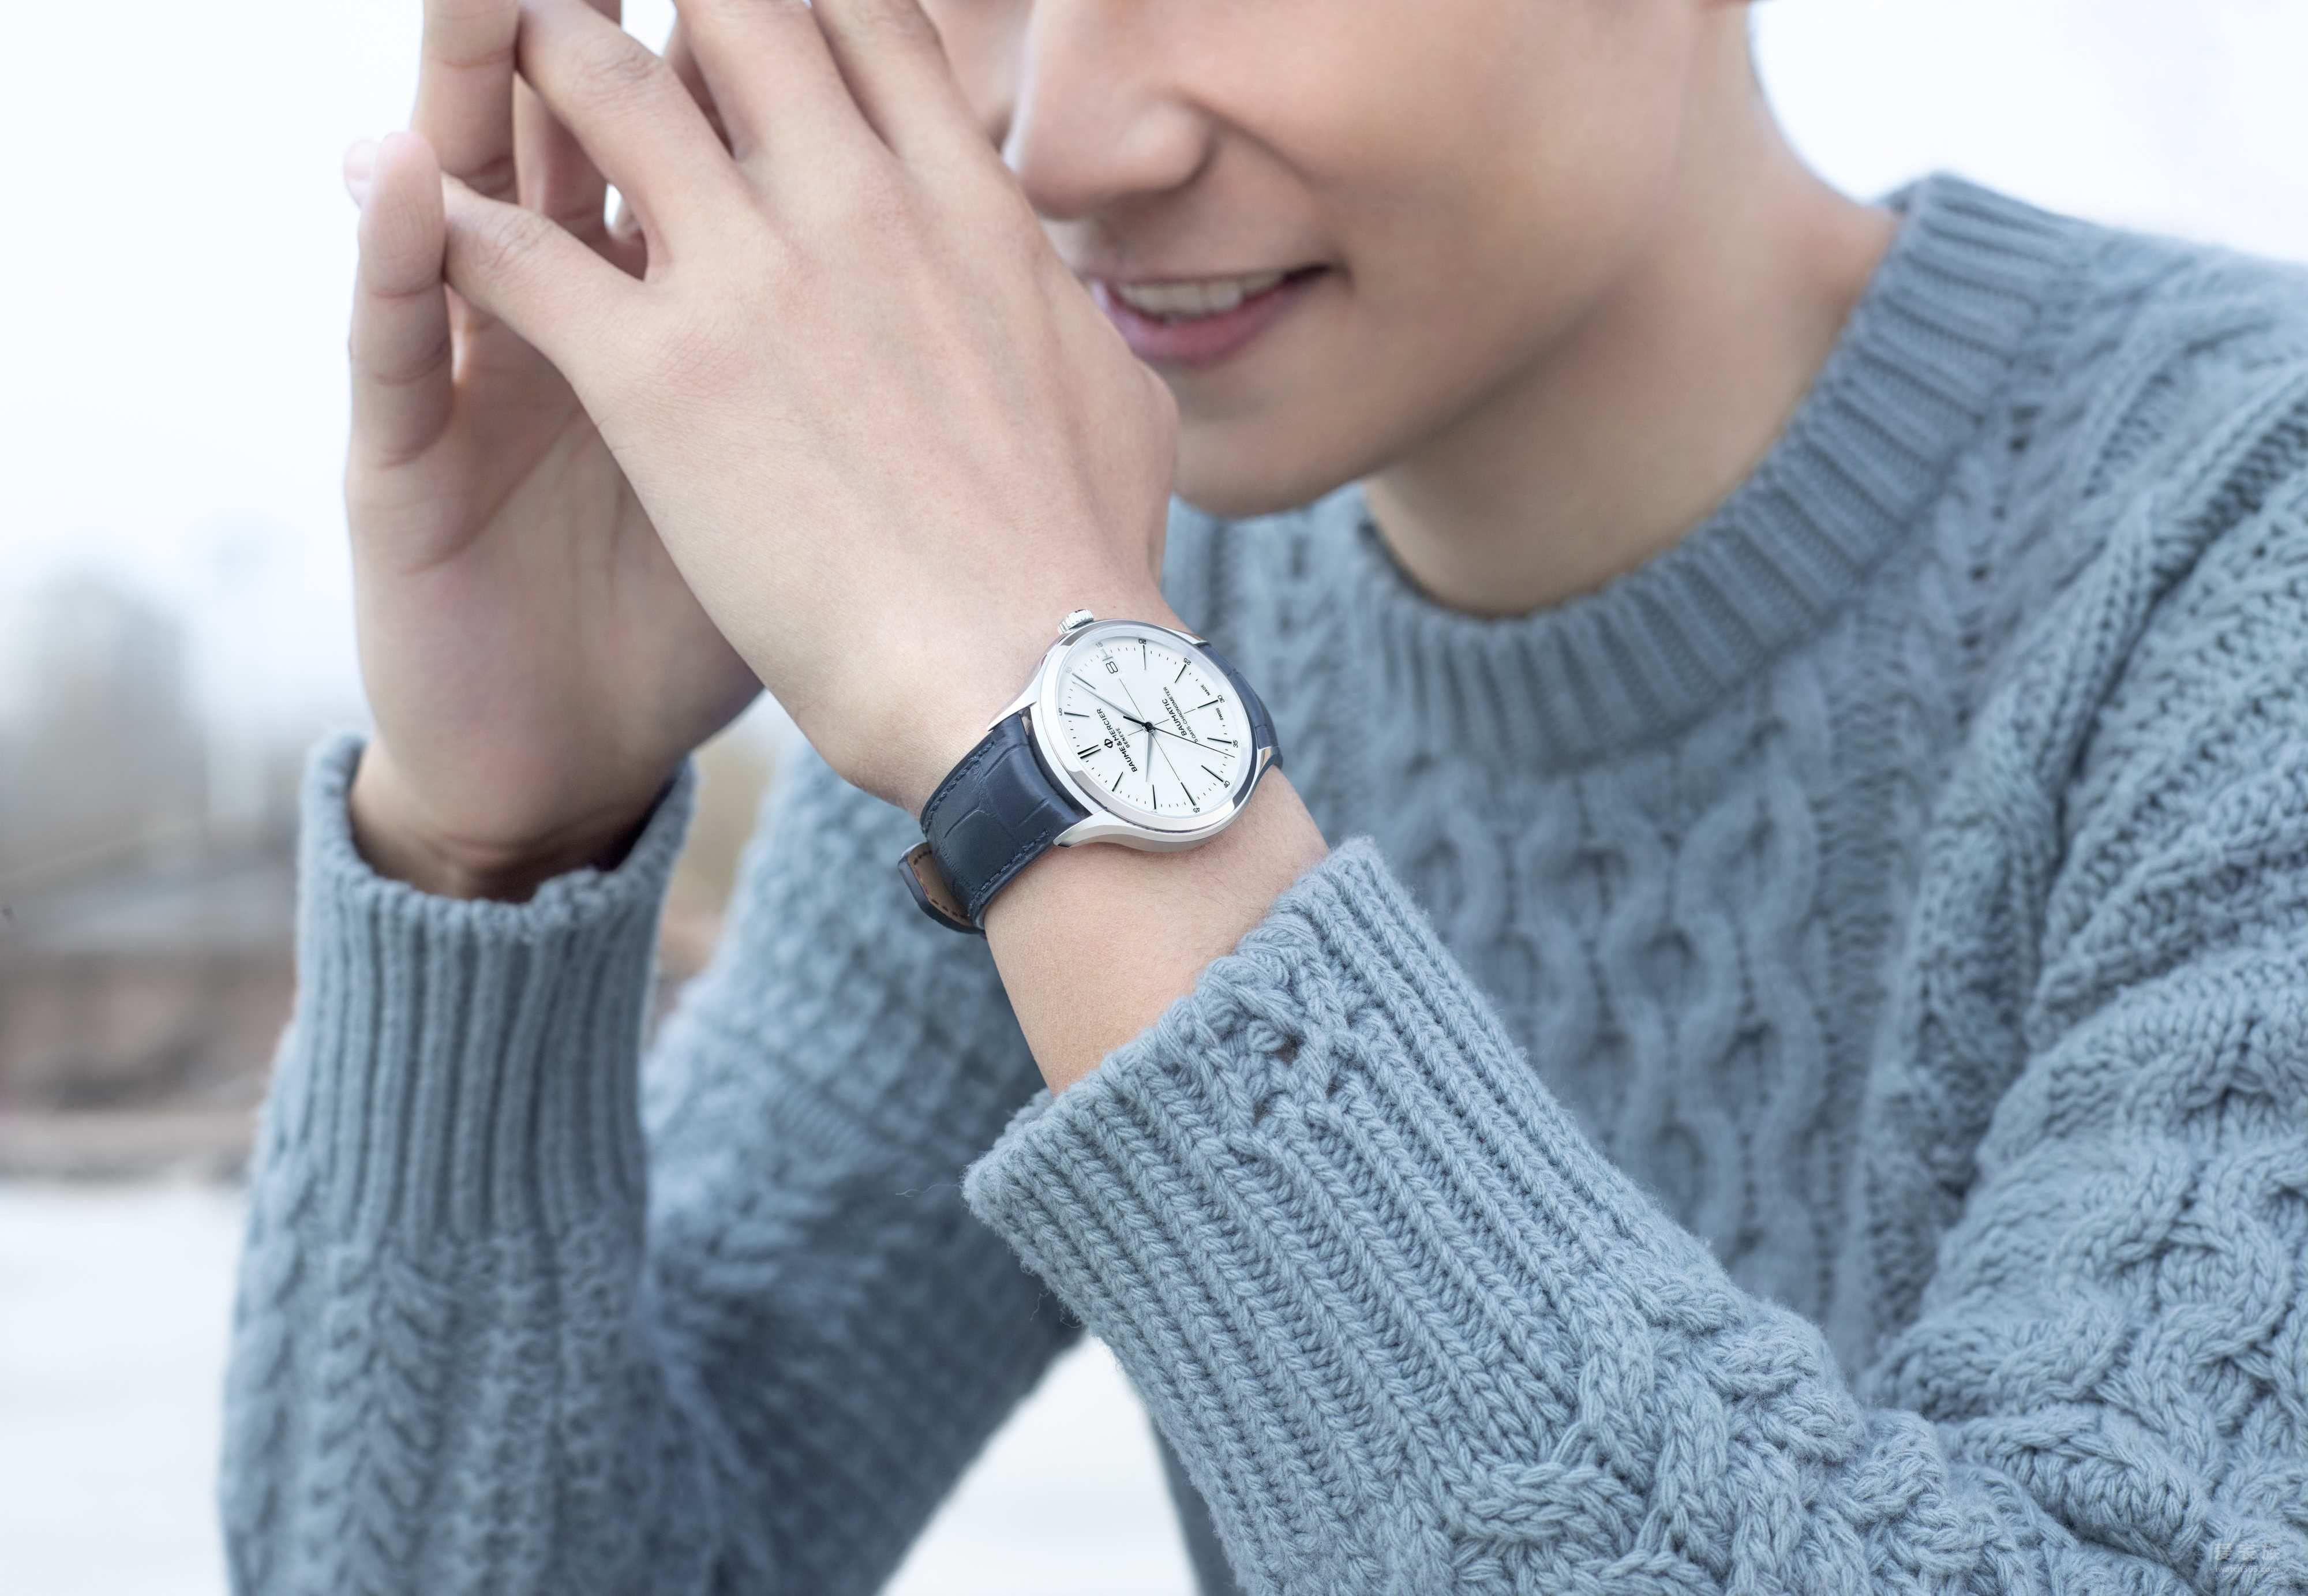 初冬的温暖守护 名士克里顿系列Baumatic™腕表相伴当代名士